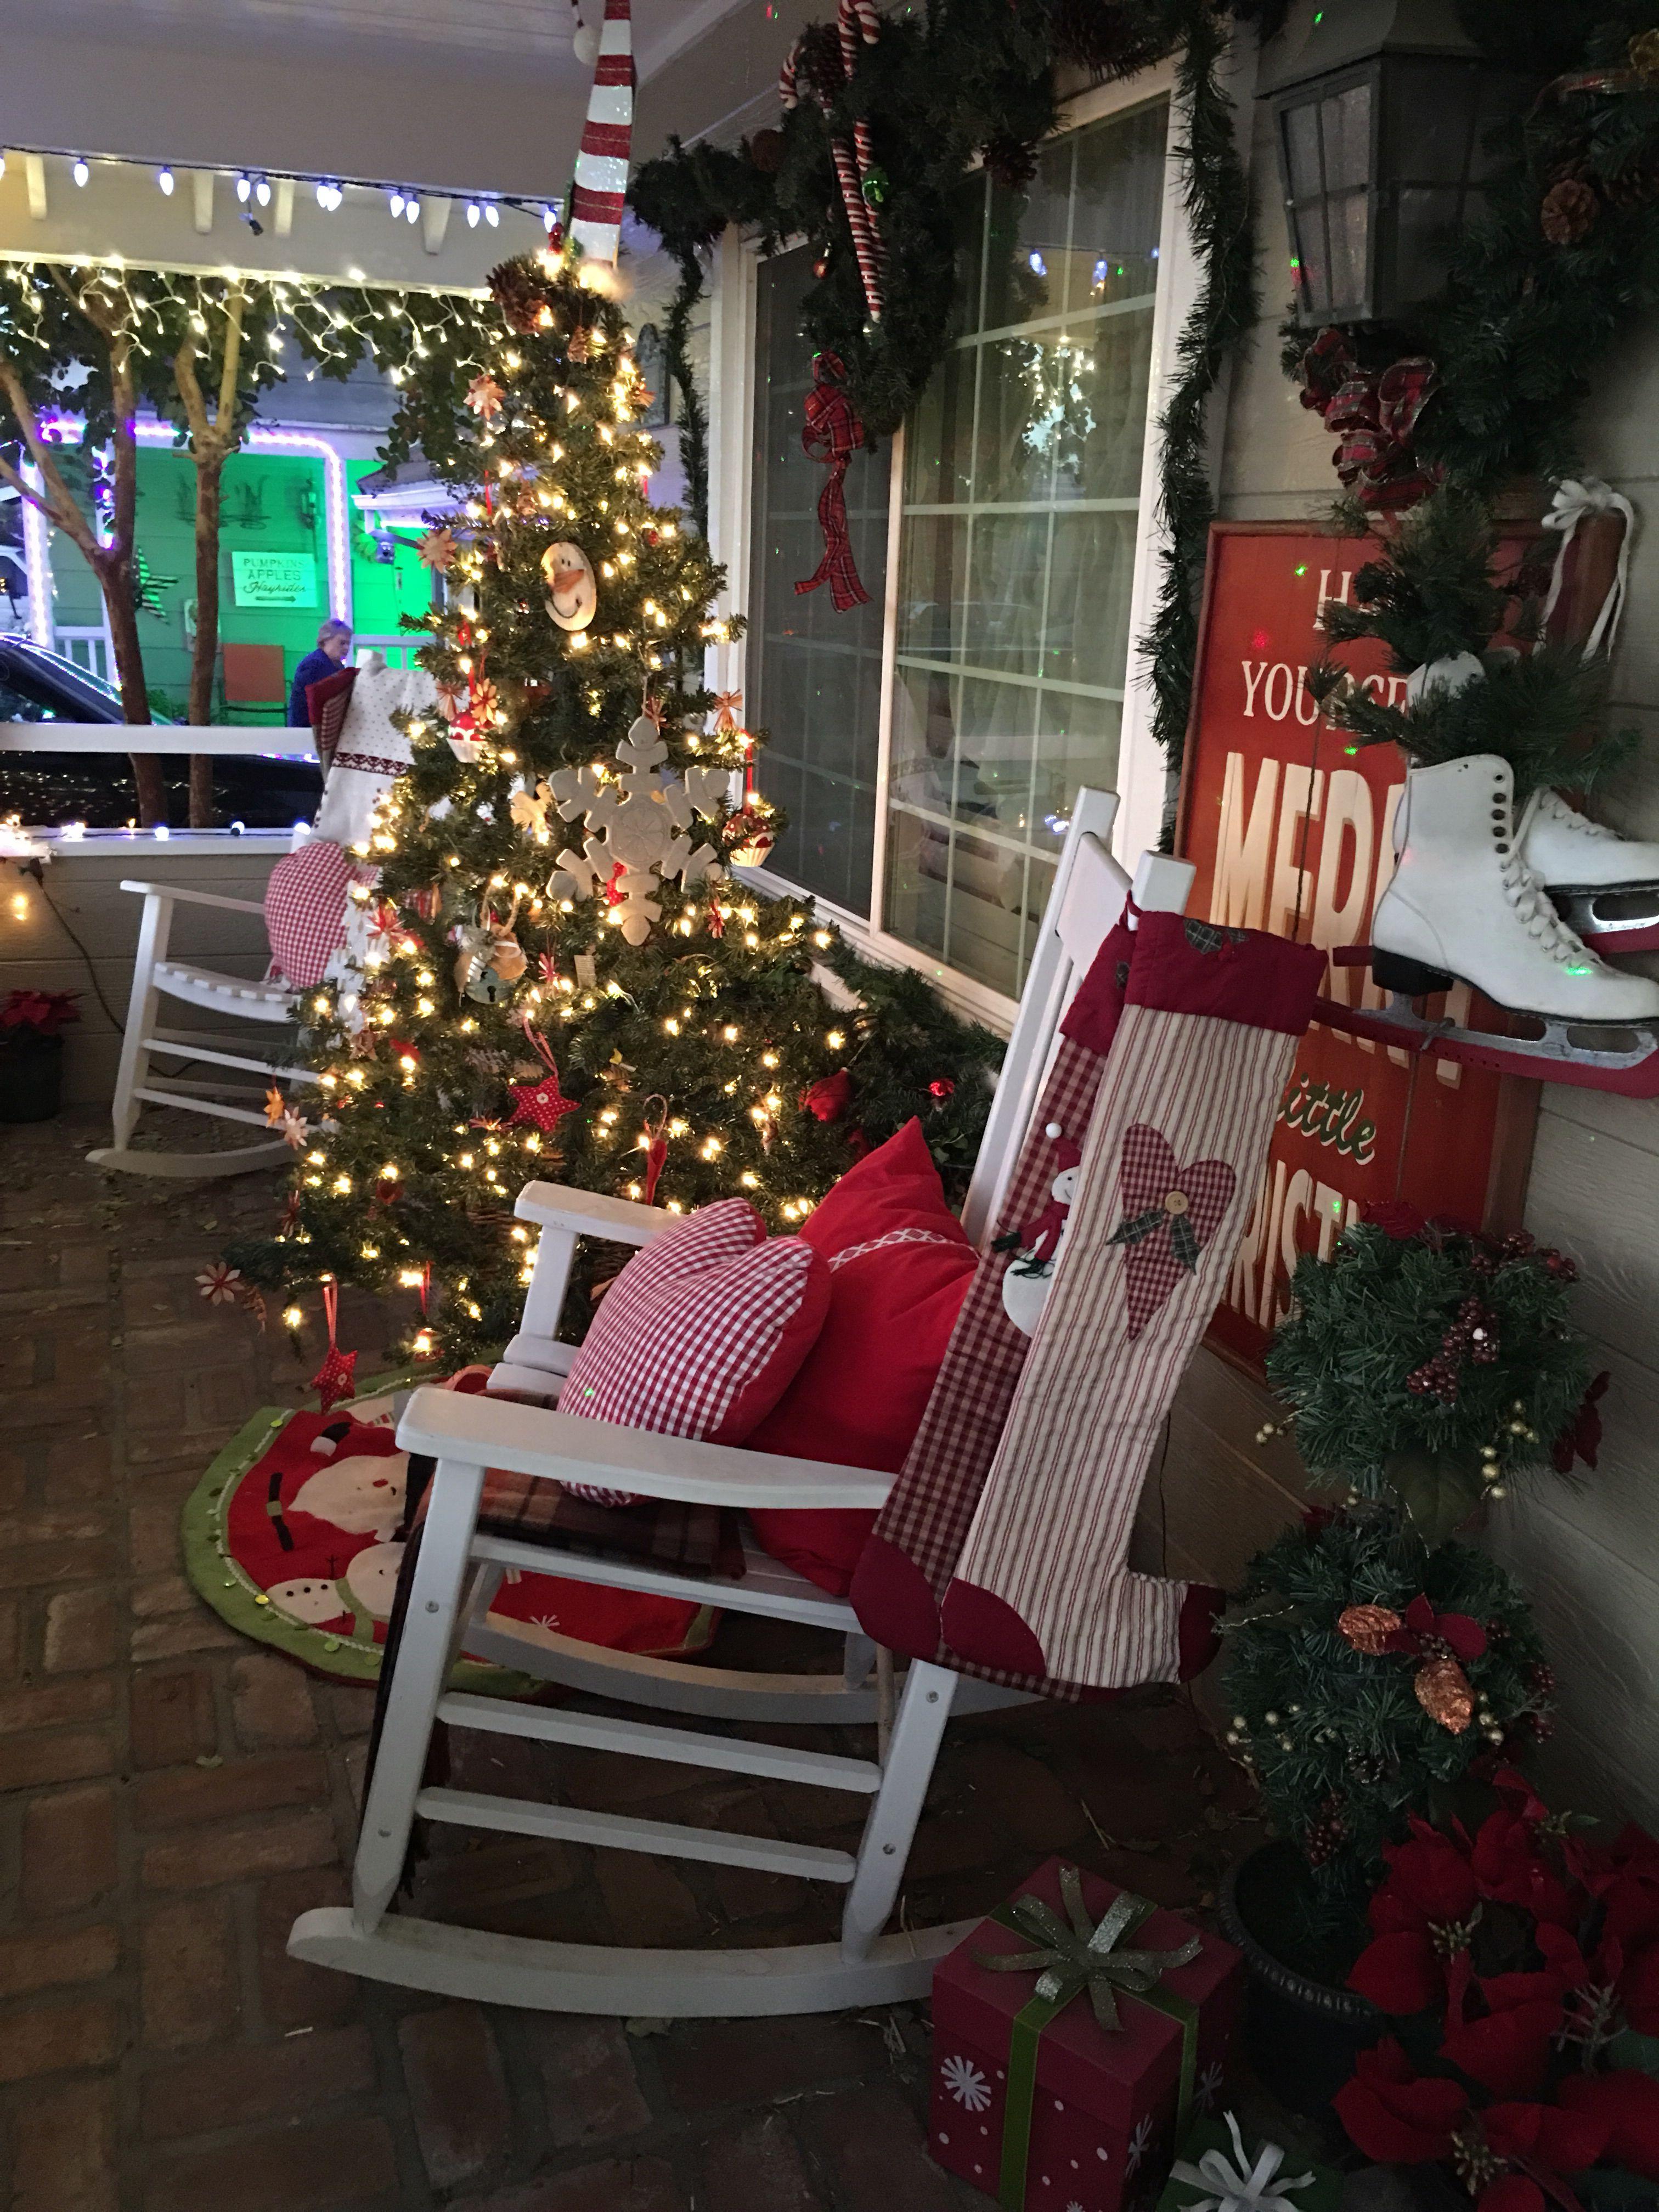 Christmas Porch Decorations Christmas Porch Decor Christmas Porch Holiday Decor